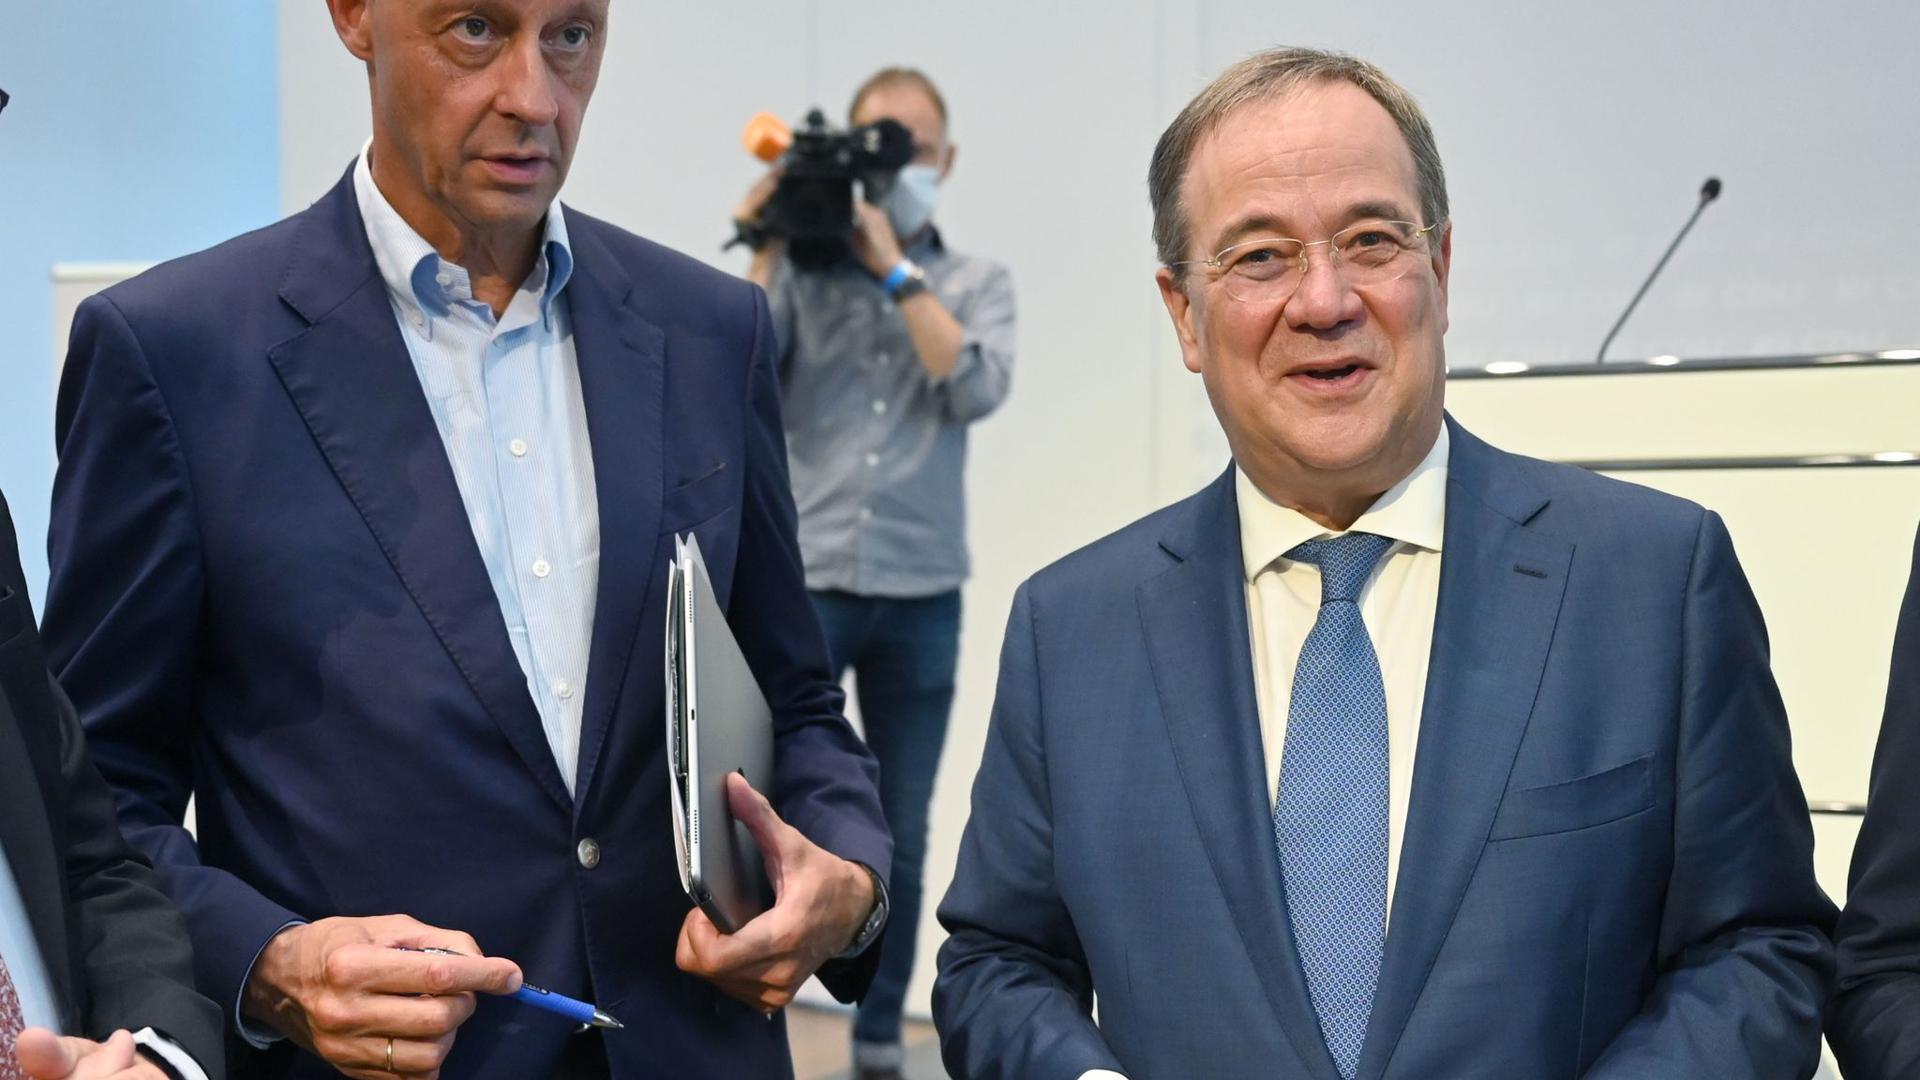 Die CDU-Politiker Friedrich Merz (l) und Armin Laschet sprechen sich gegen Steuererhöhungen aus.